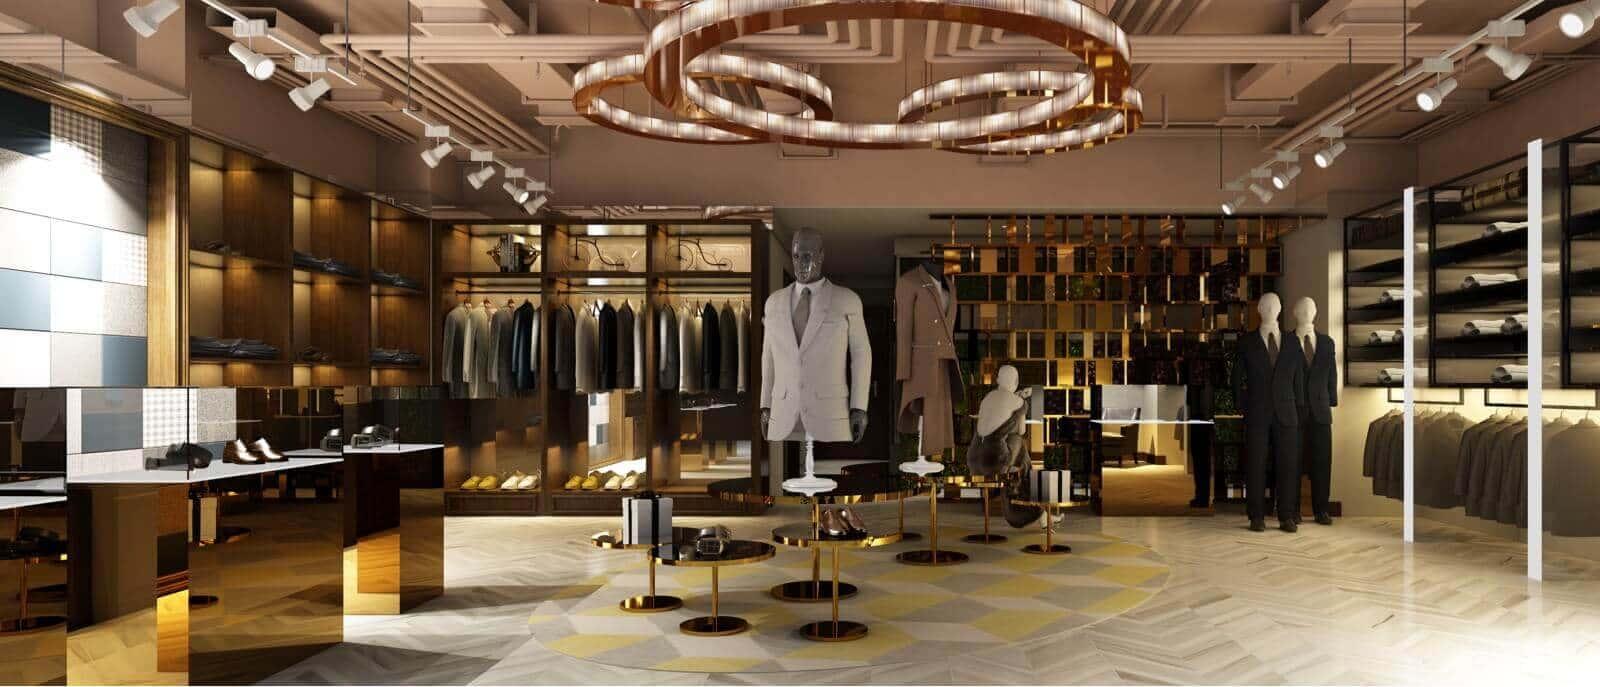 Store interiors, Retail store interior, Store interior design